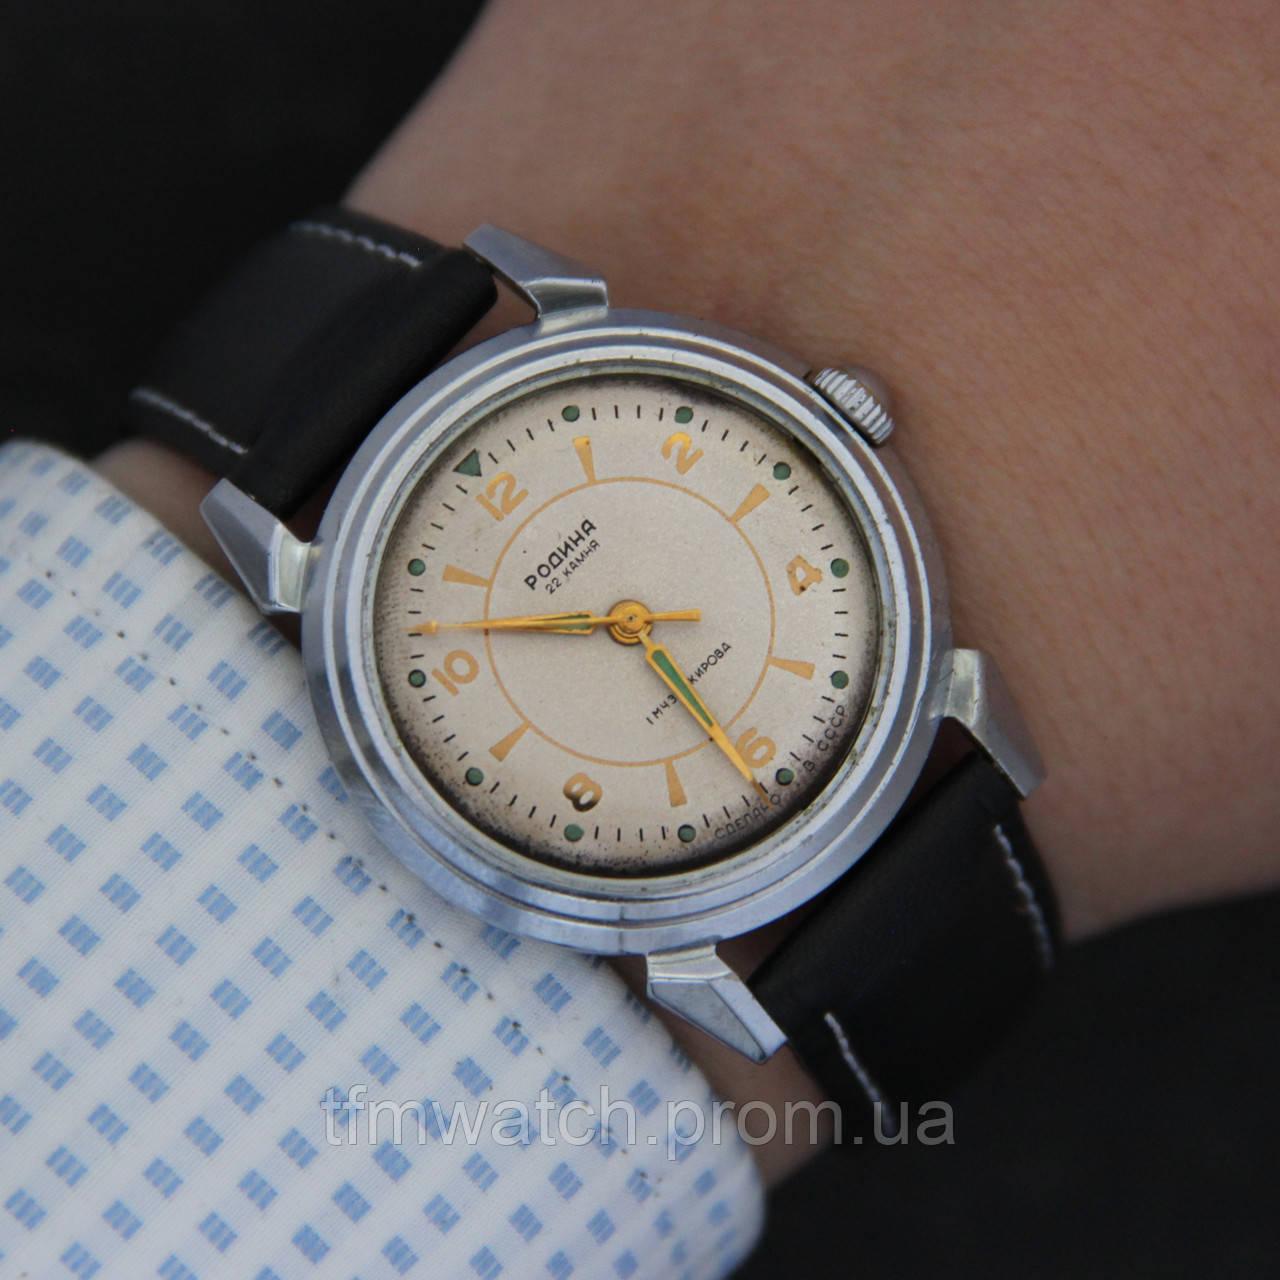 Какие часы купить с автоподзаводом подарок часы купить в спб